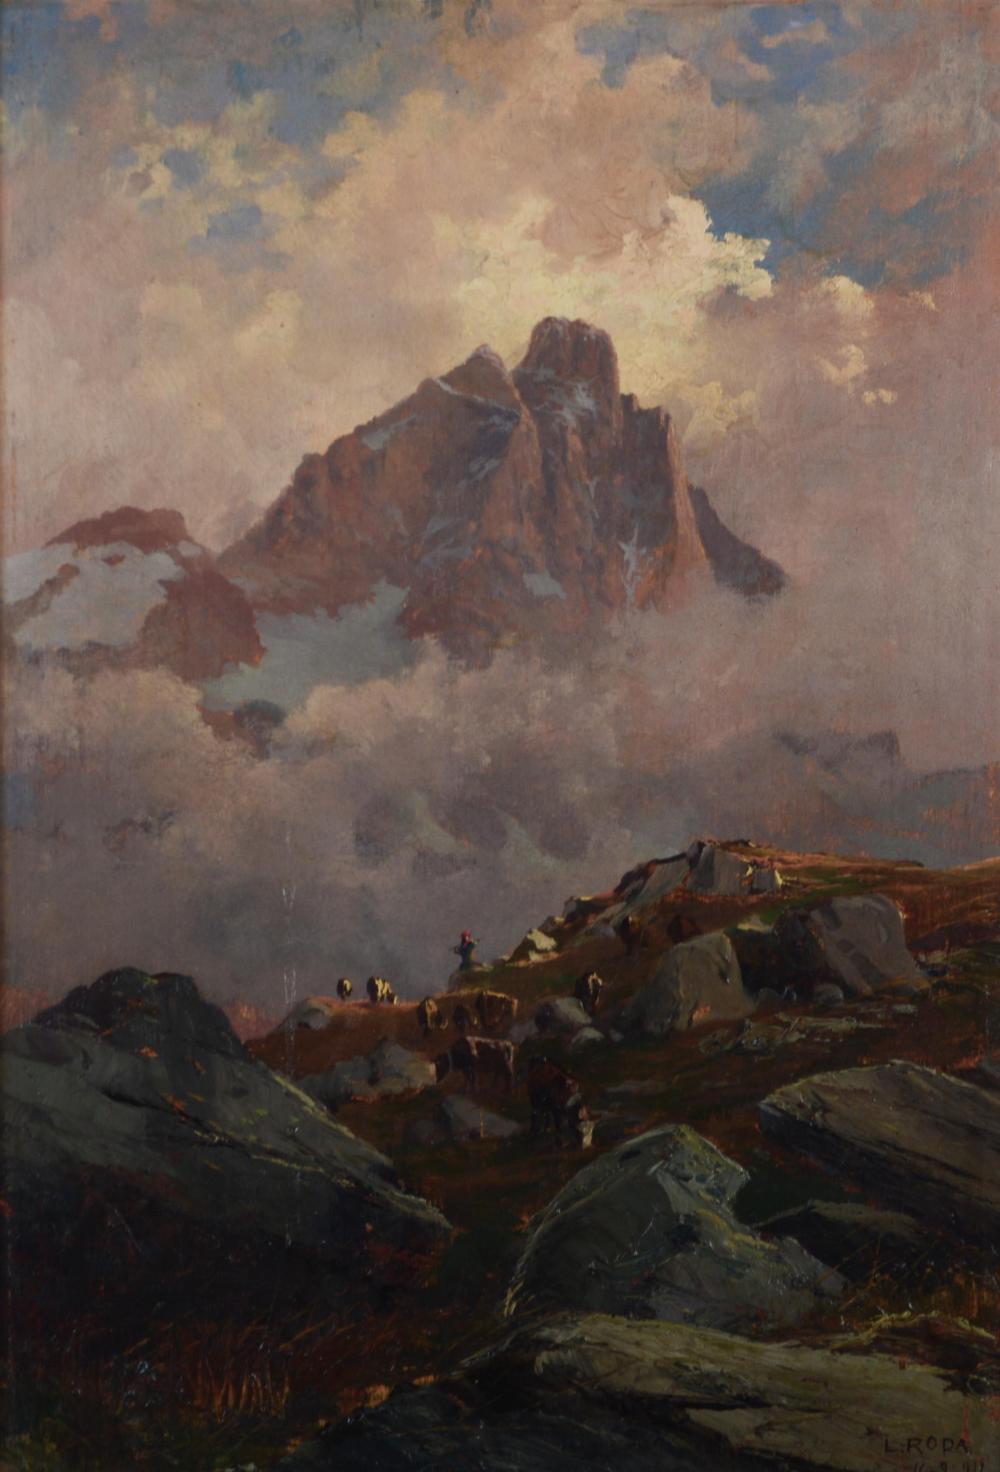 PASCOLO IN ALTA MONTAGNA